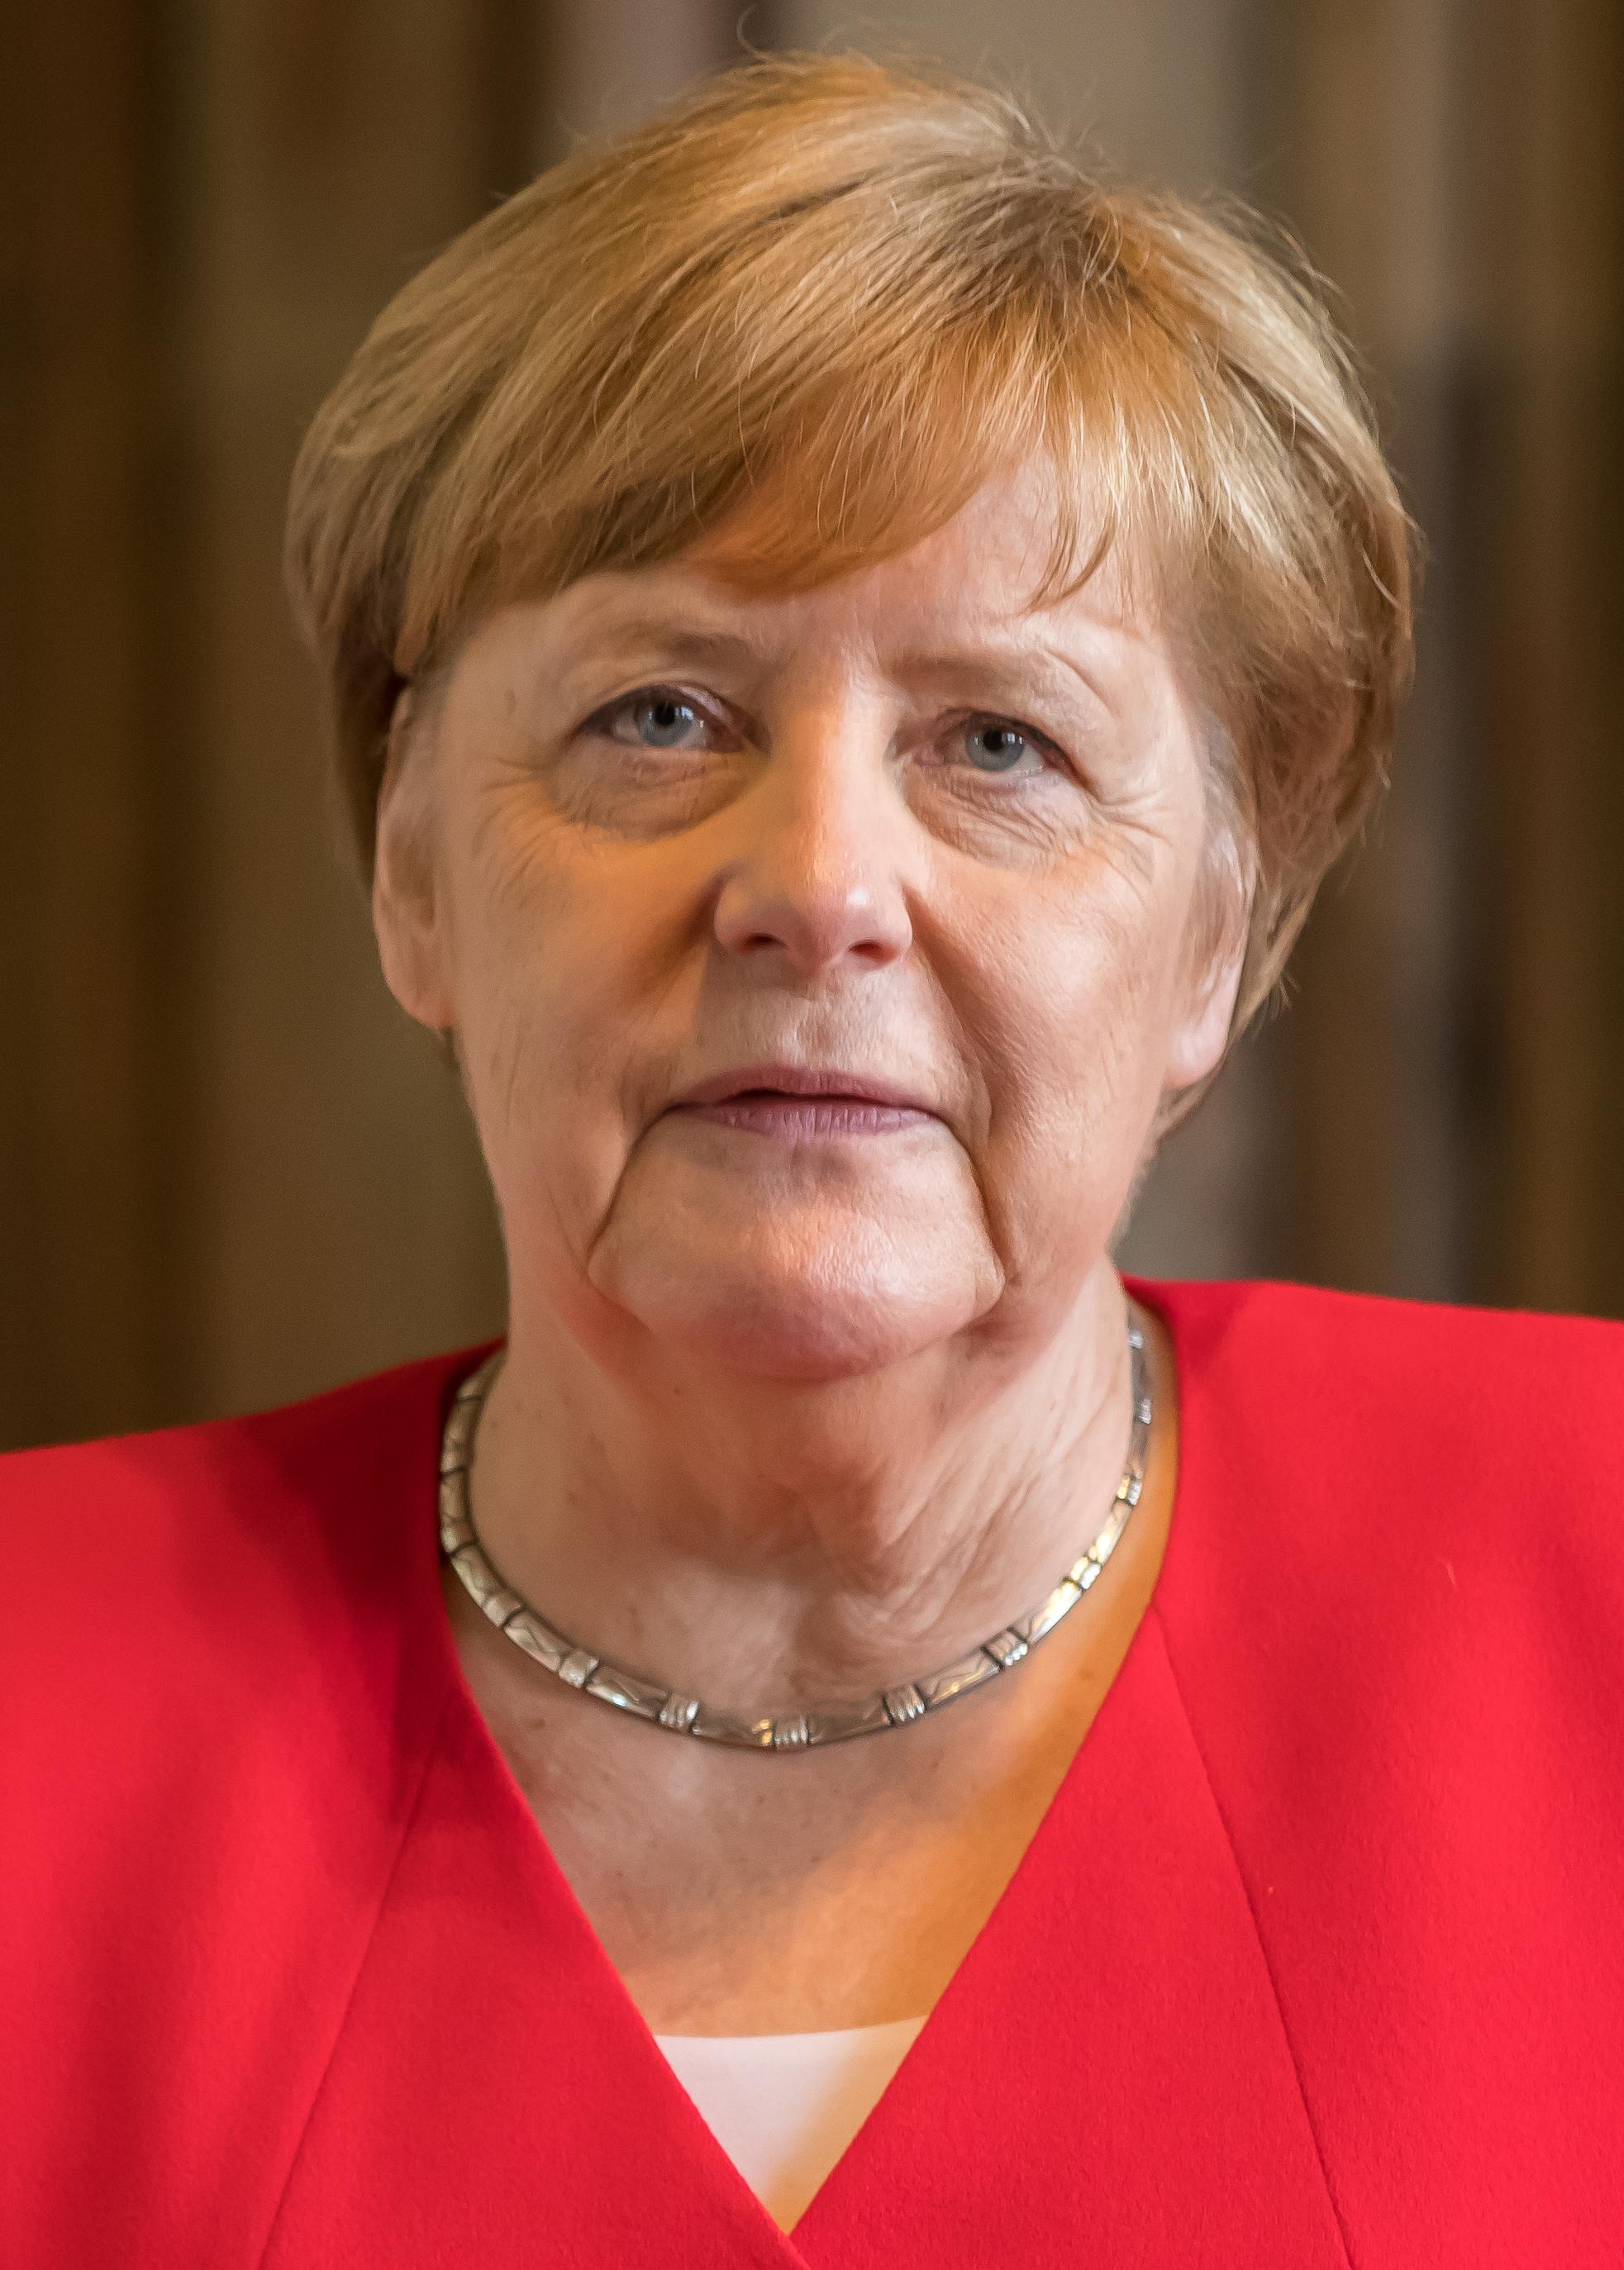 Angela Merkel Wikipedia